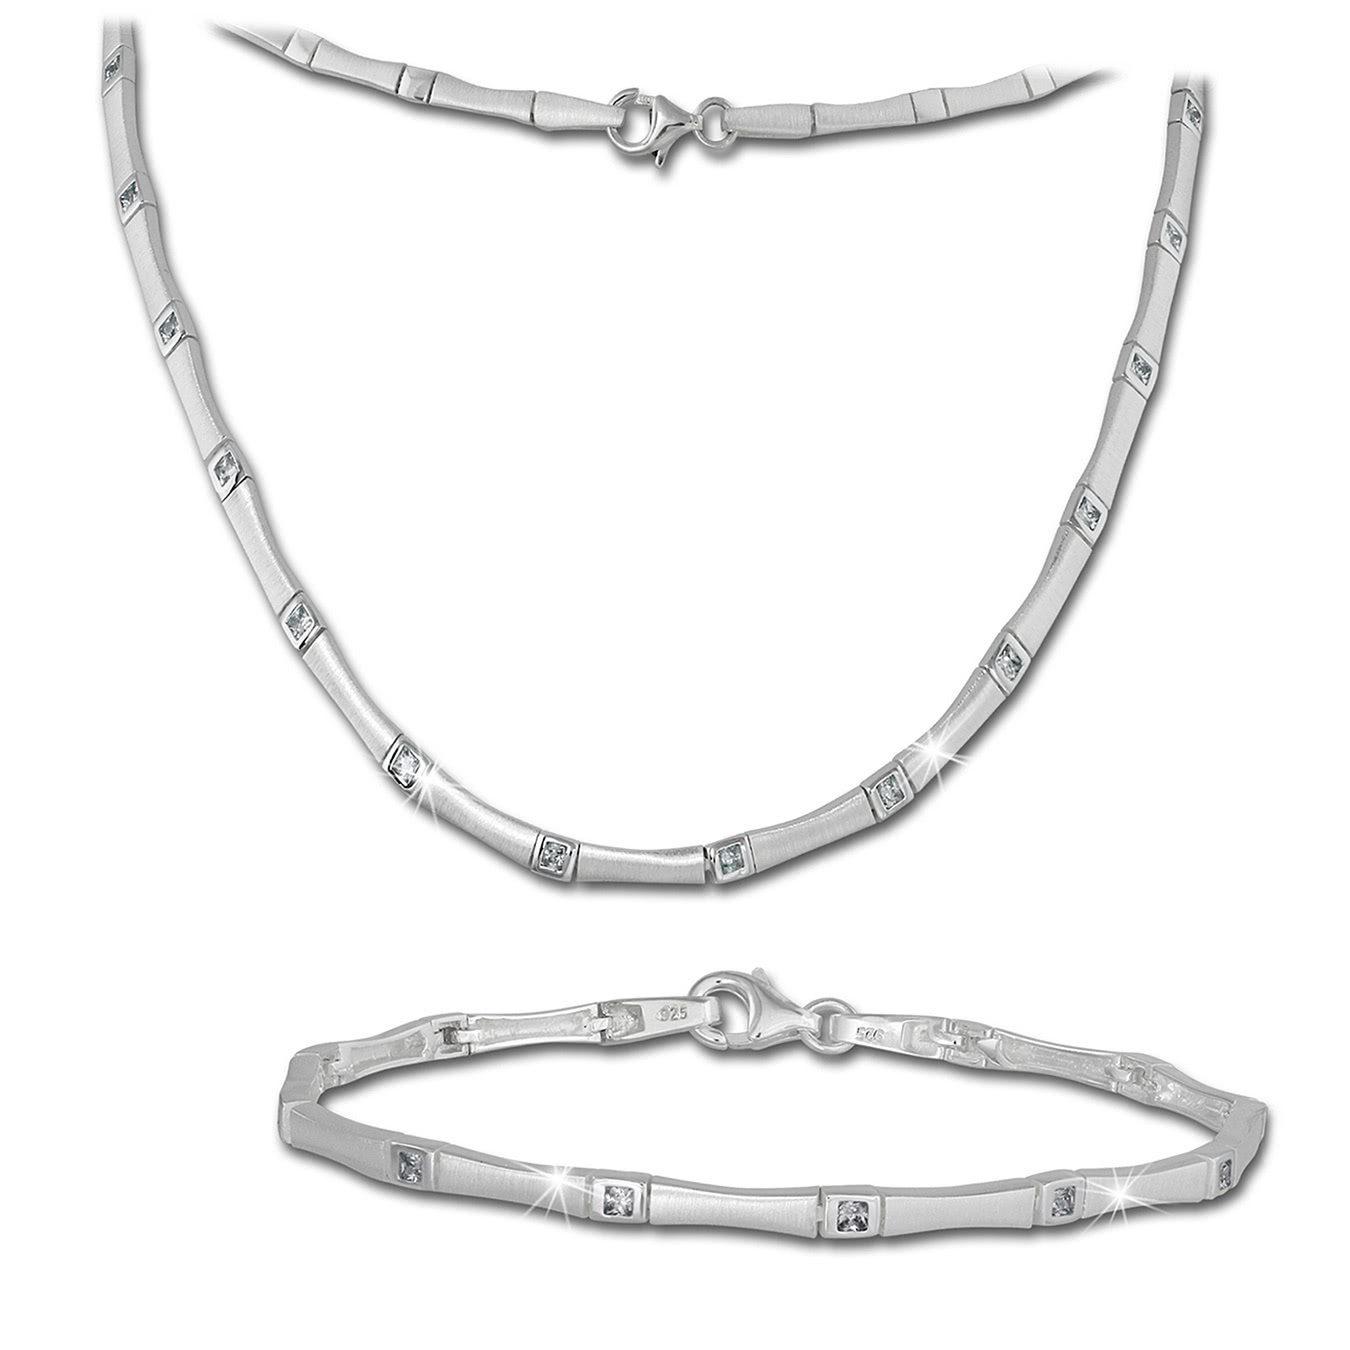 SilberDream Schmuckset »SDS436W SilberDream Collier & Armband Zirkonia« (Schmucksets, 2 tlg), Damen Schmucksets aus 925 Sterling Silber, Farbe: silber